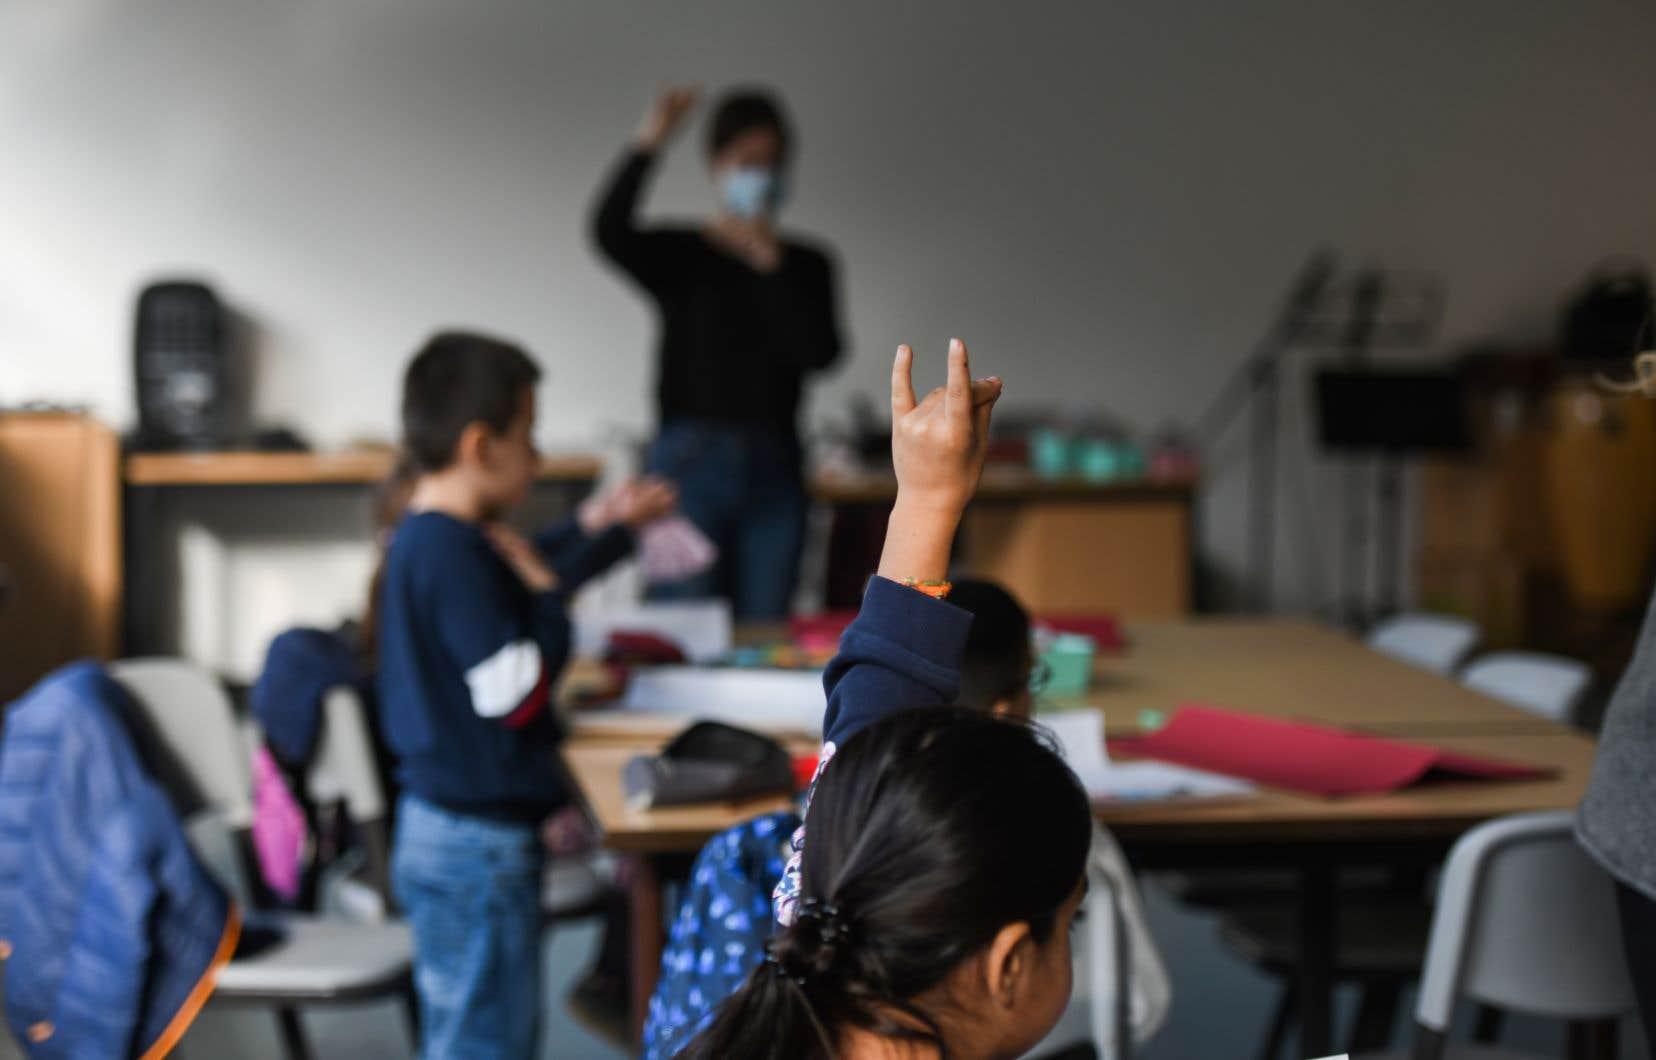 «Il est clair qu'il n'y aura pas de prolongation du calendrier scolaire. Les profs en font déjà assez. Ils sont exténués», souligne le président de la FAE, Sylvain Mallette.